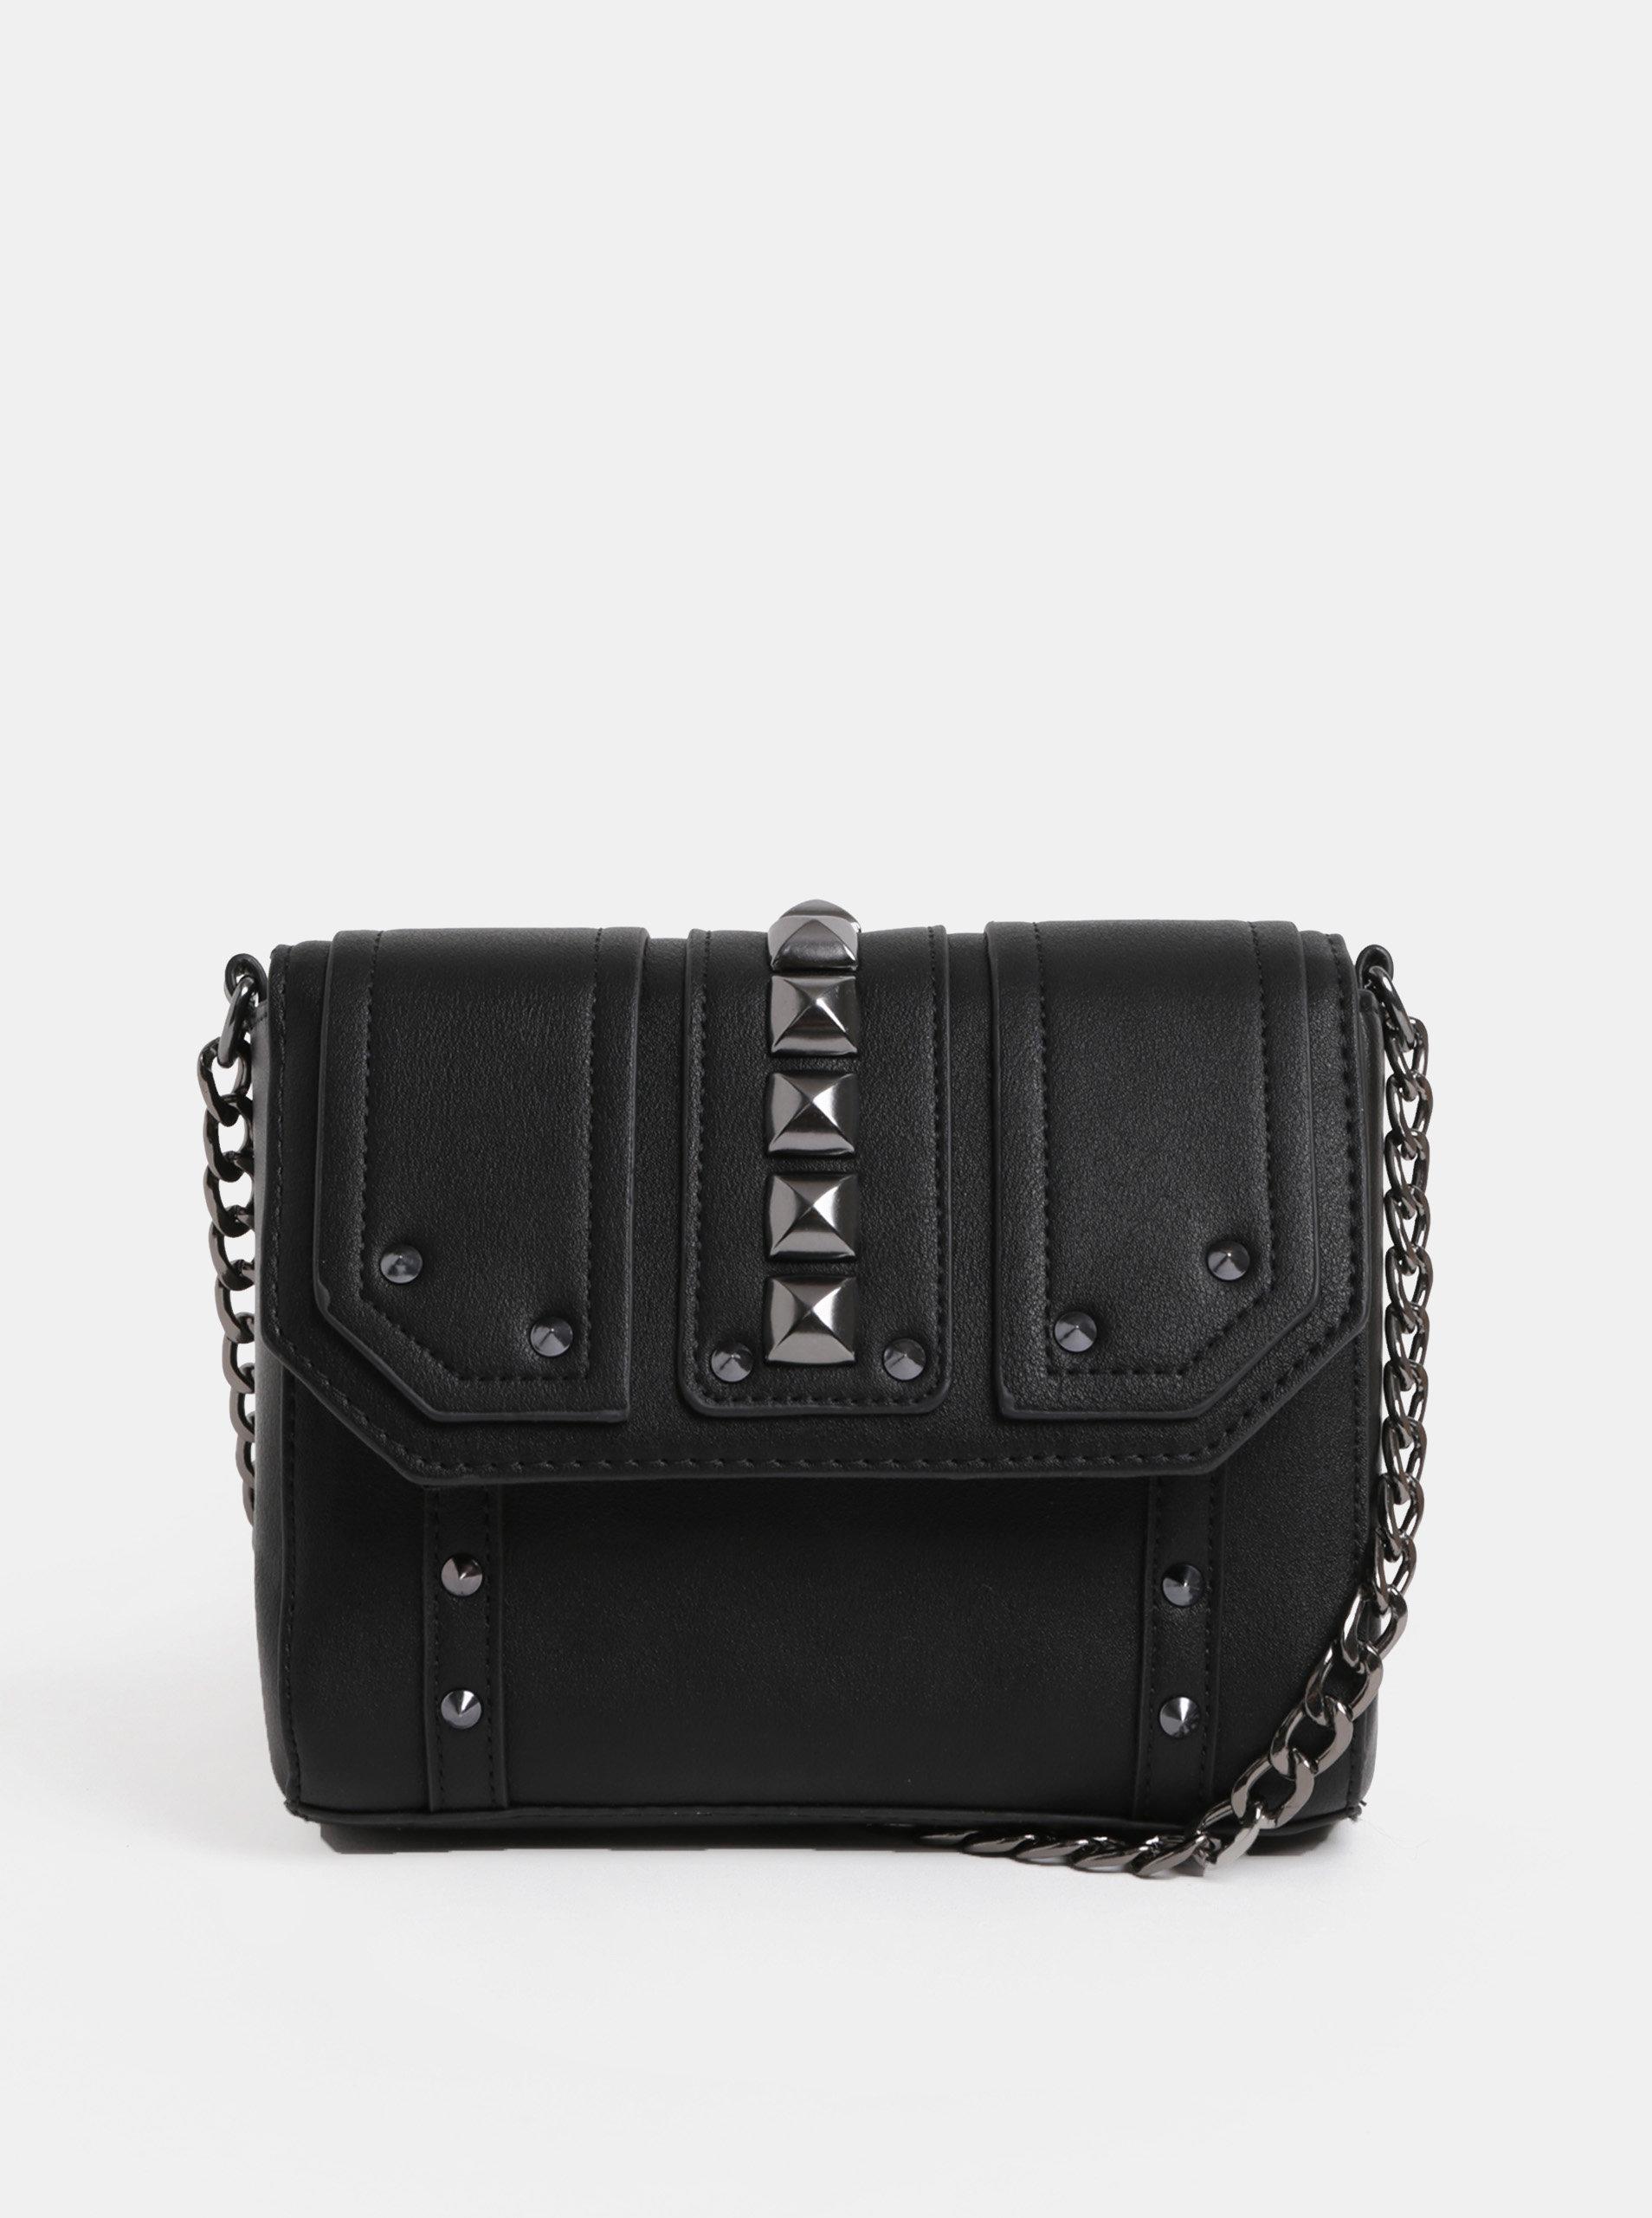 Černá crossbody kabelka s kovovými detaily Pieces Samino